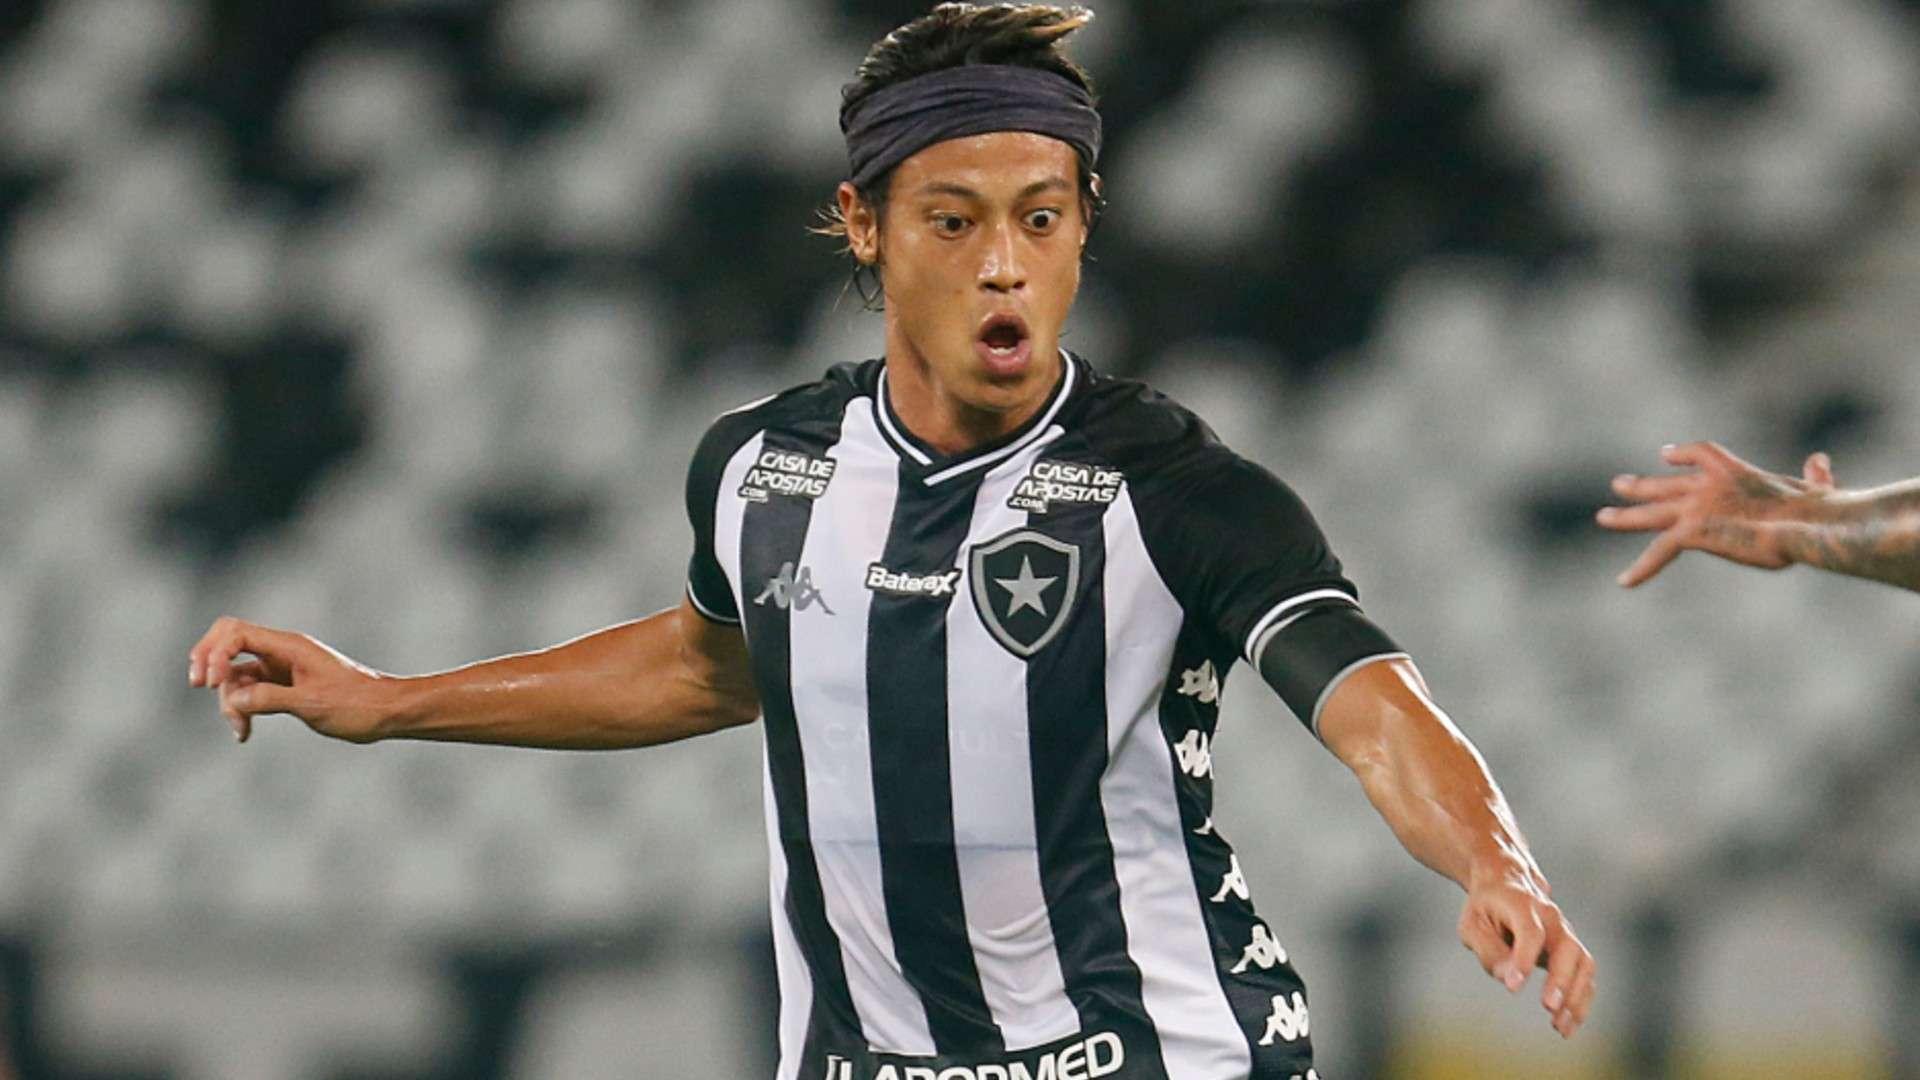 Botafogo trouxe Honda e Kalou, mas o herói continua o mesmo: Gatito |  Goal.com